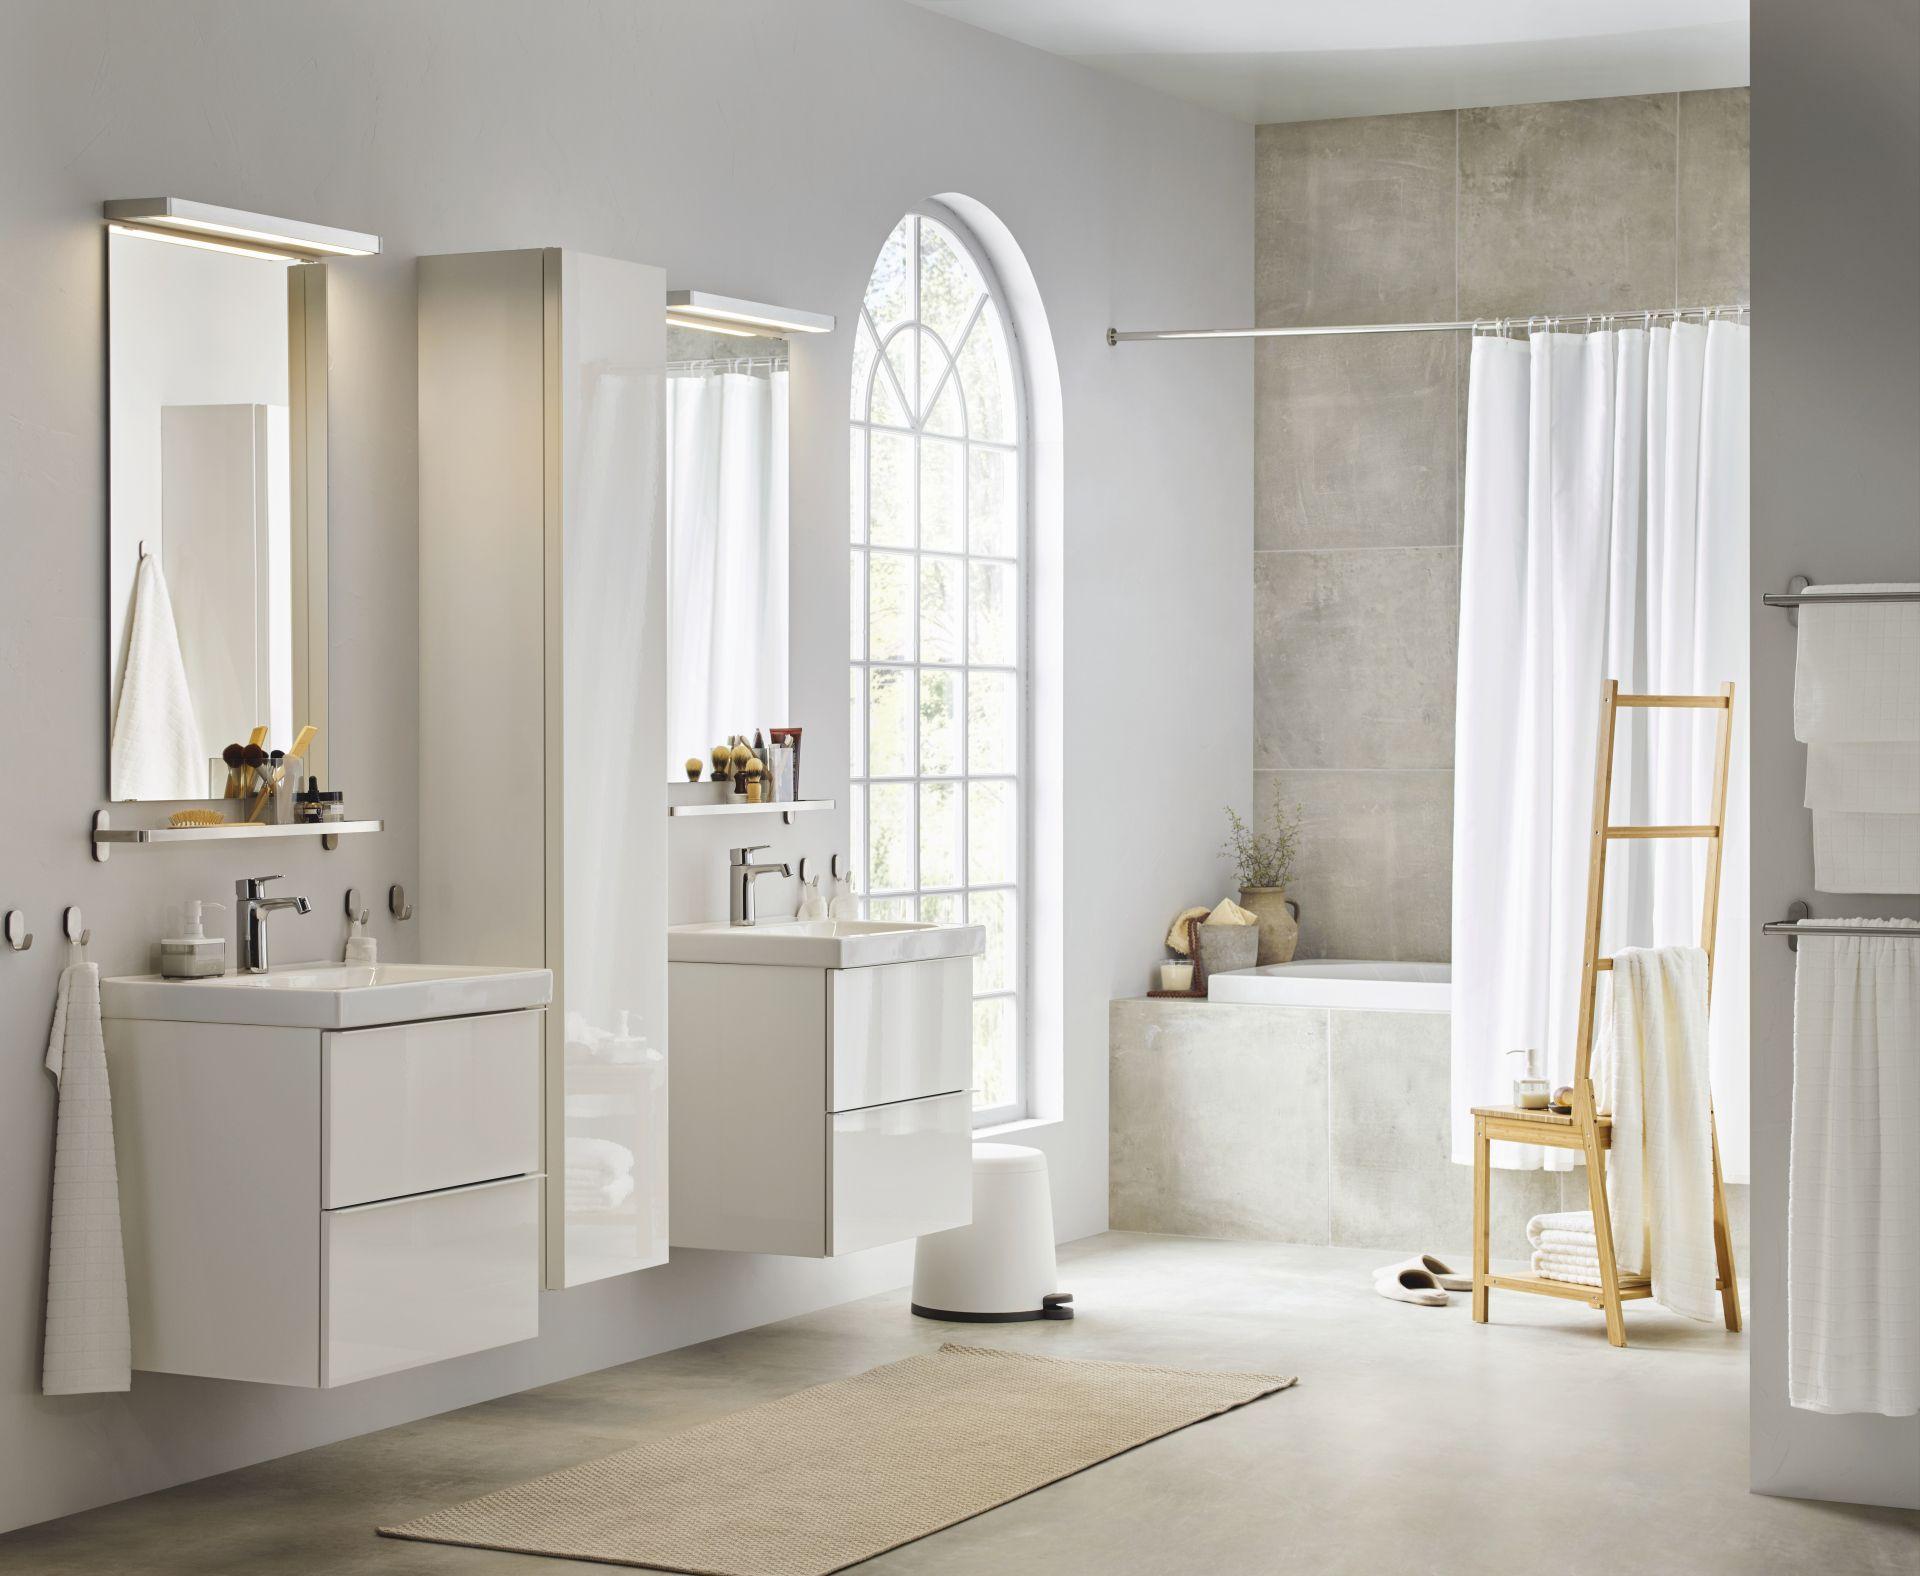 Muebles, colchones y decoración - Compra Online ...